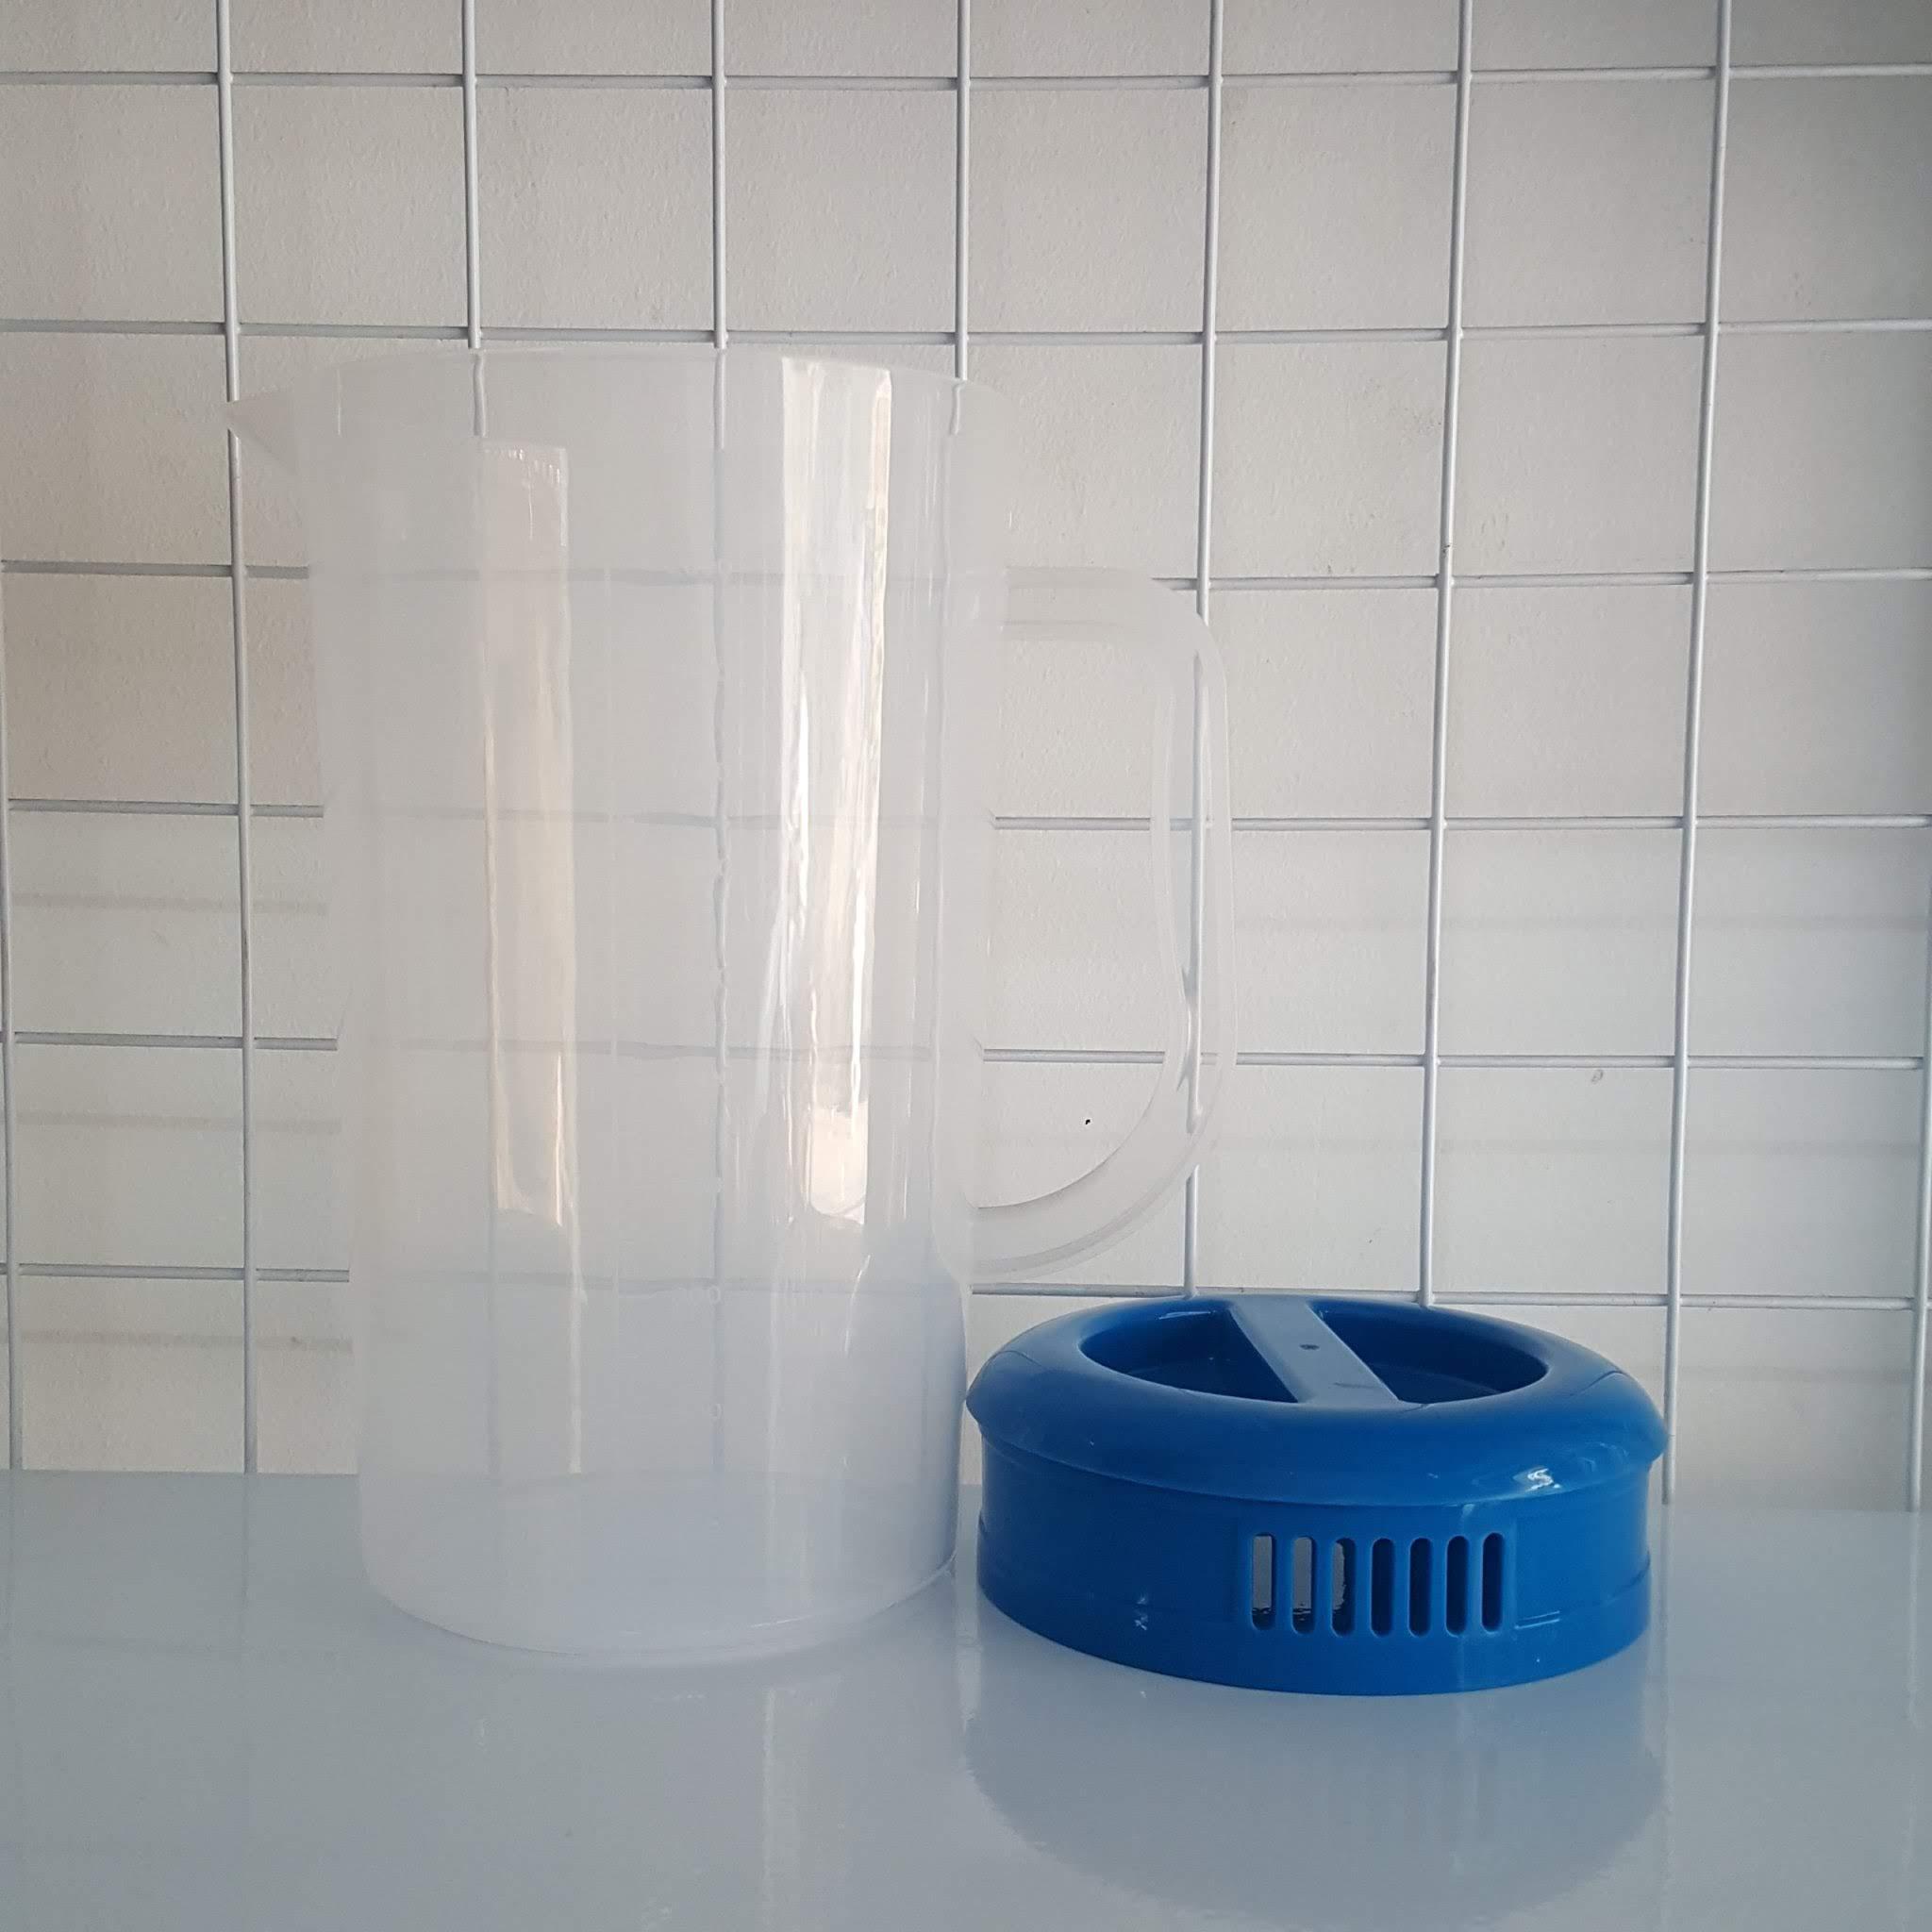 Ca đong nhựa có vạch chia dung tích 2 lít